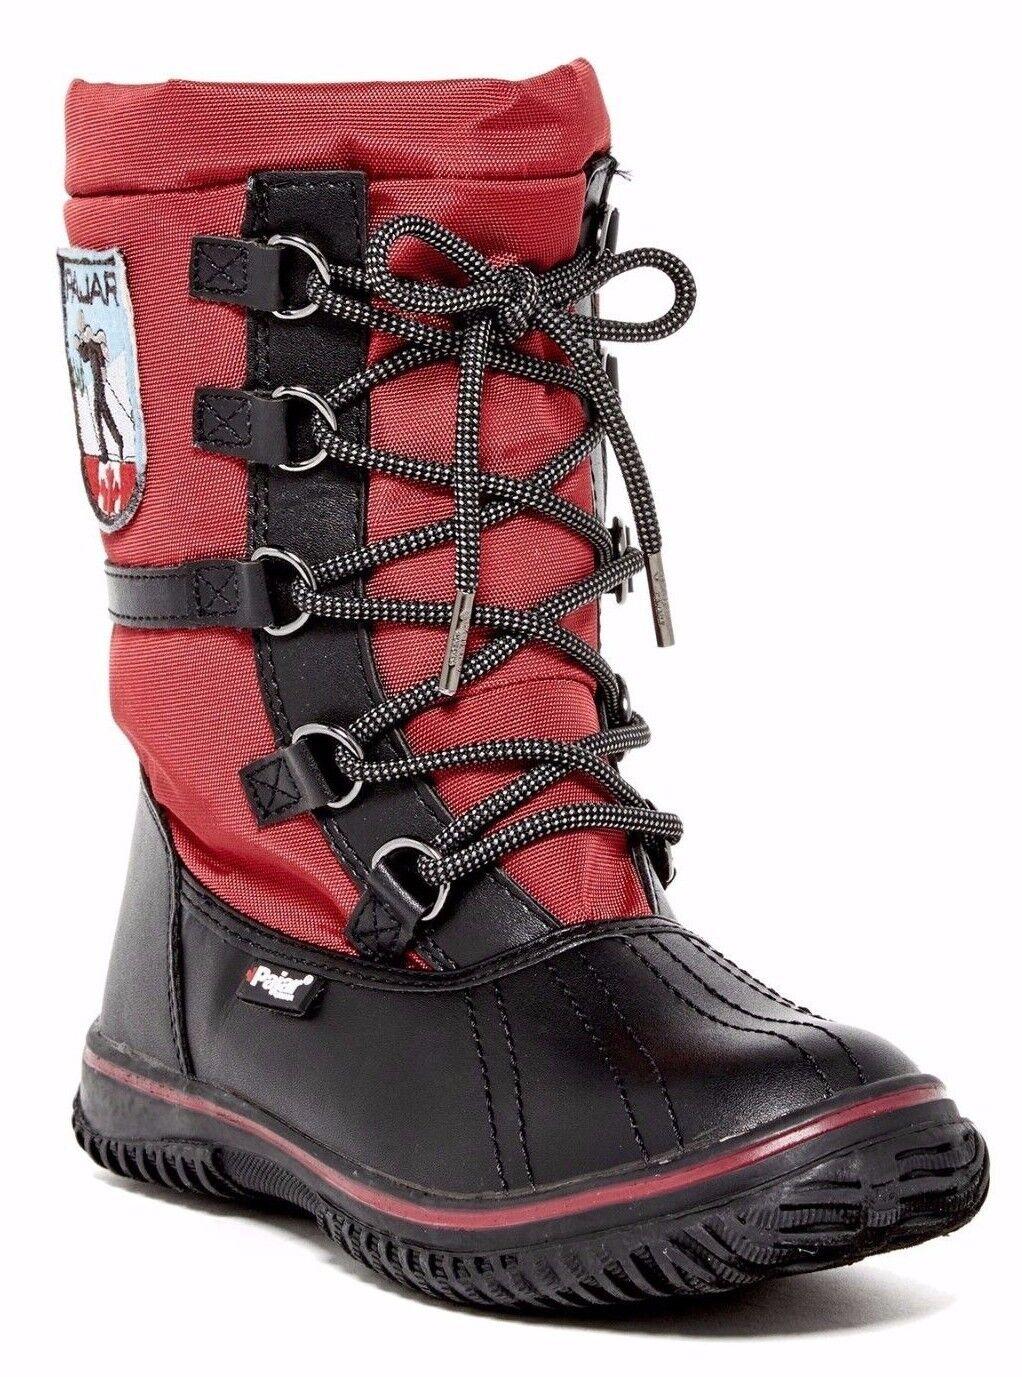 Pajar Grip Grip Grip Low Impermeable Nieve botas De Invierno Para Mujer Negro Rojo Talla 40; US 9 - 9.5 9242e5